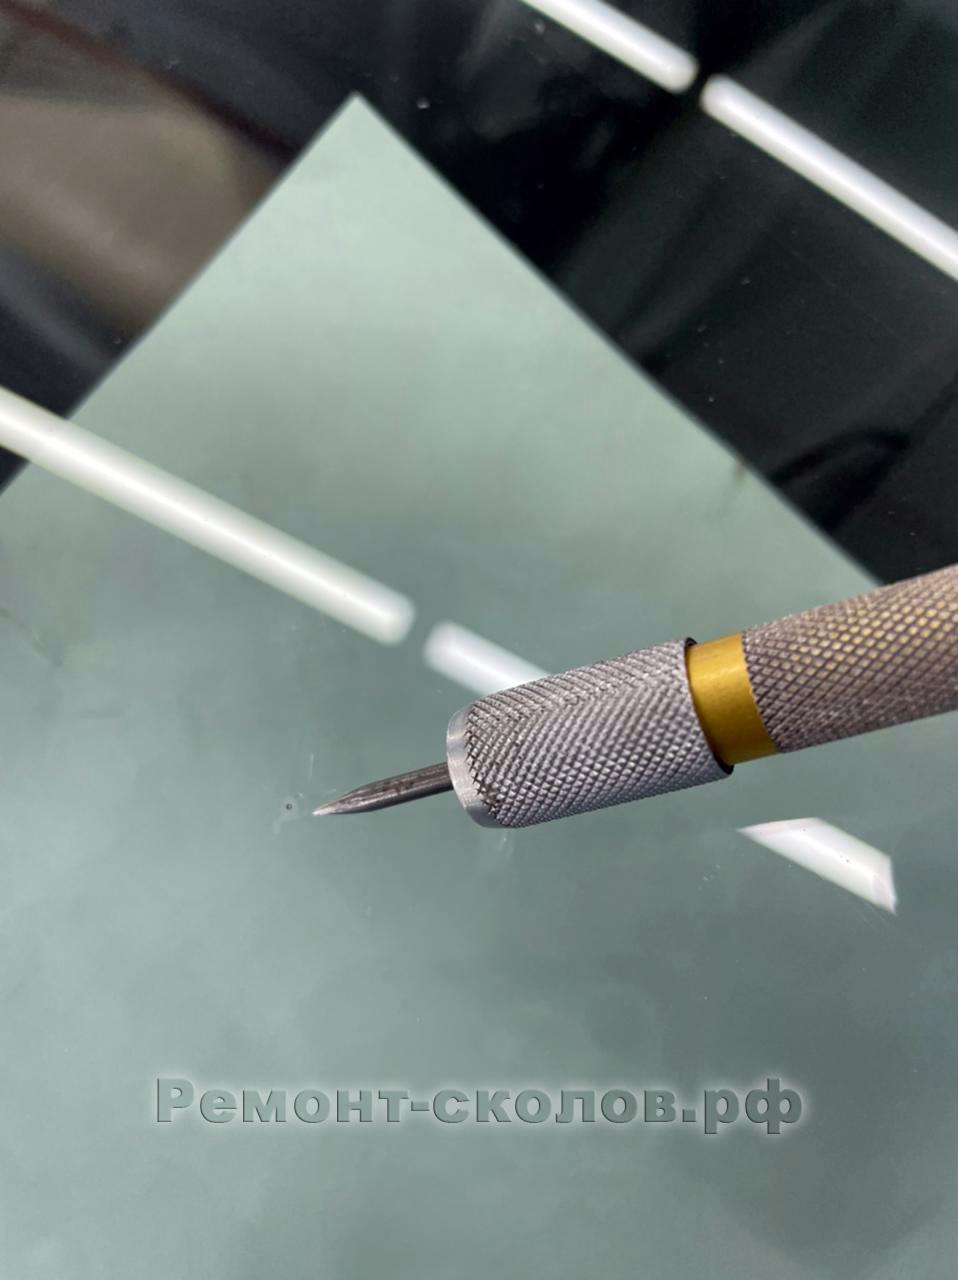 KIA ремонт лобового стекла в ЮЗАО